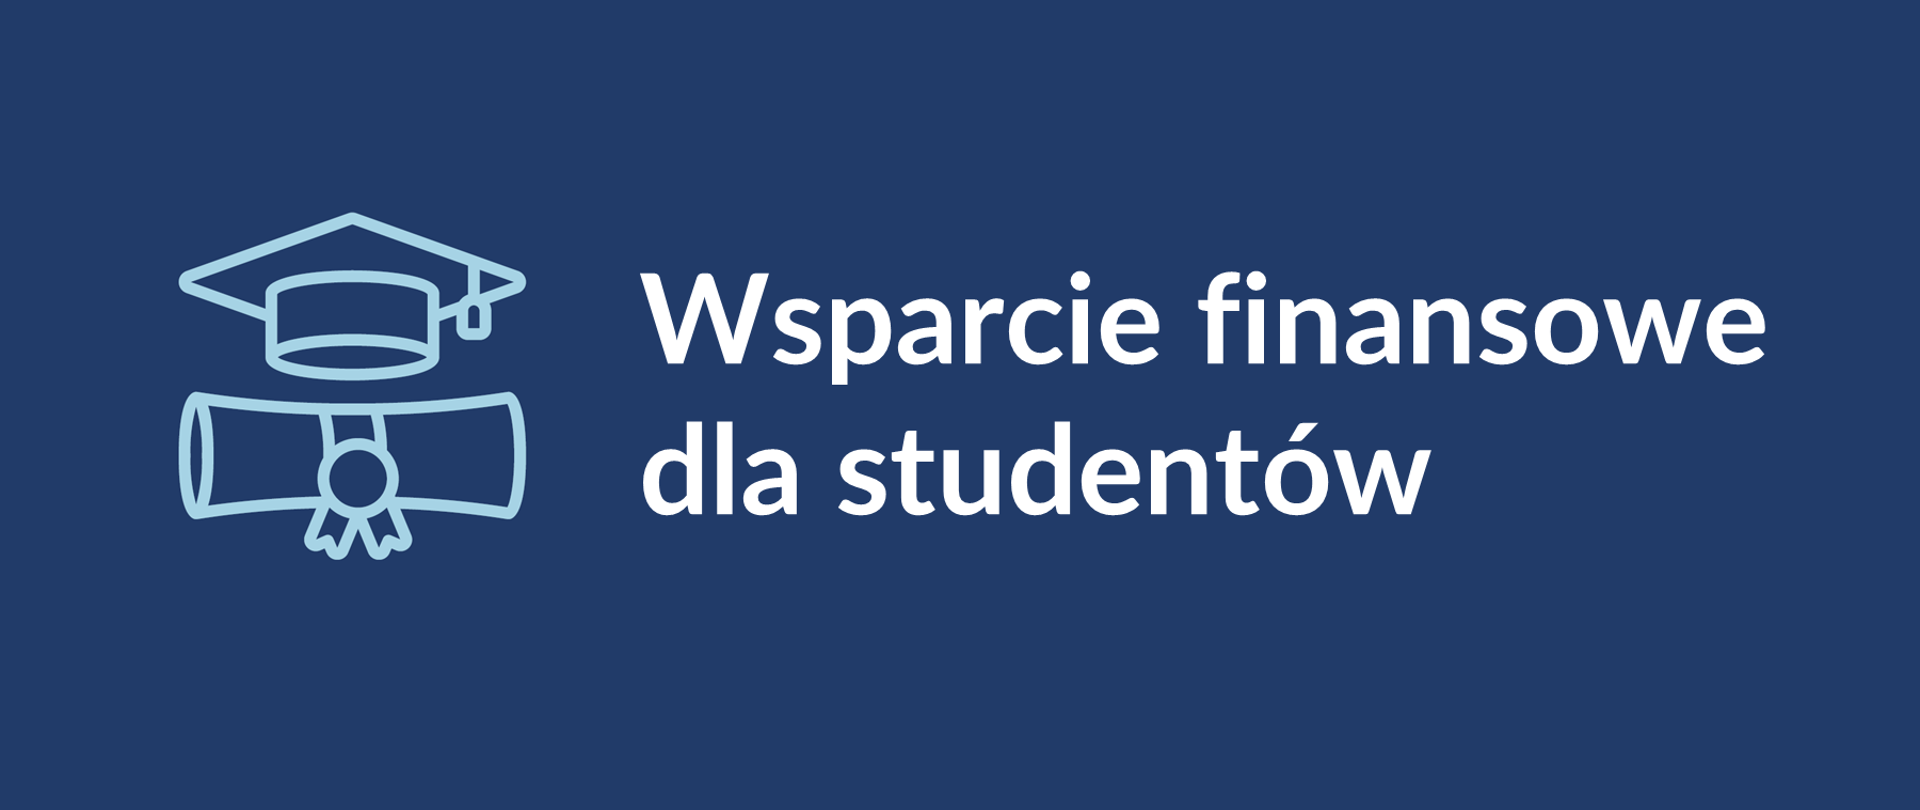 Ciemnoniebieskie tło, pośrodku napis Wsparcie finansowe dla studentów. Po lewej stronie napisu błękitna ikonka biretu i zwiniętego dyplomu. Na dole po prawej stronie logotyp Ministerstwa Edukacji i Nauki.